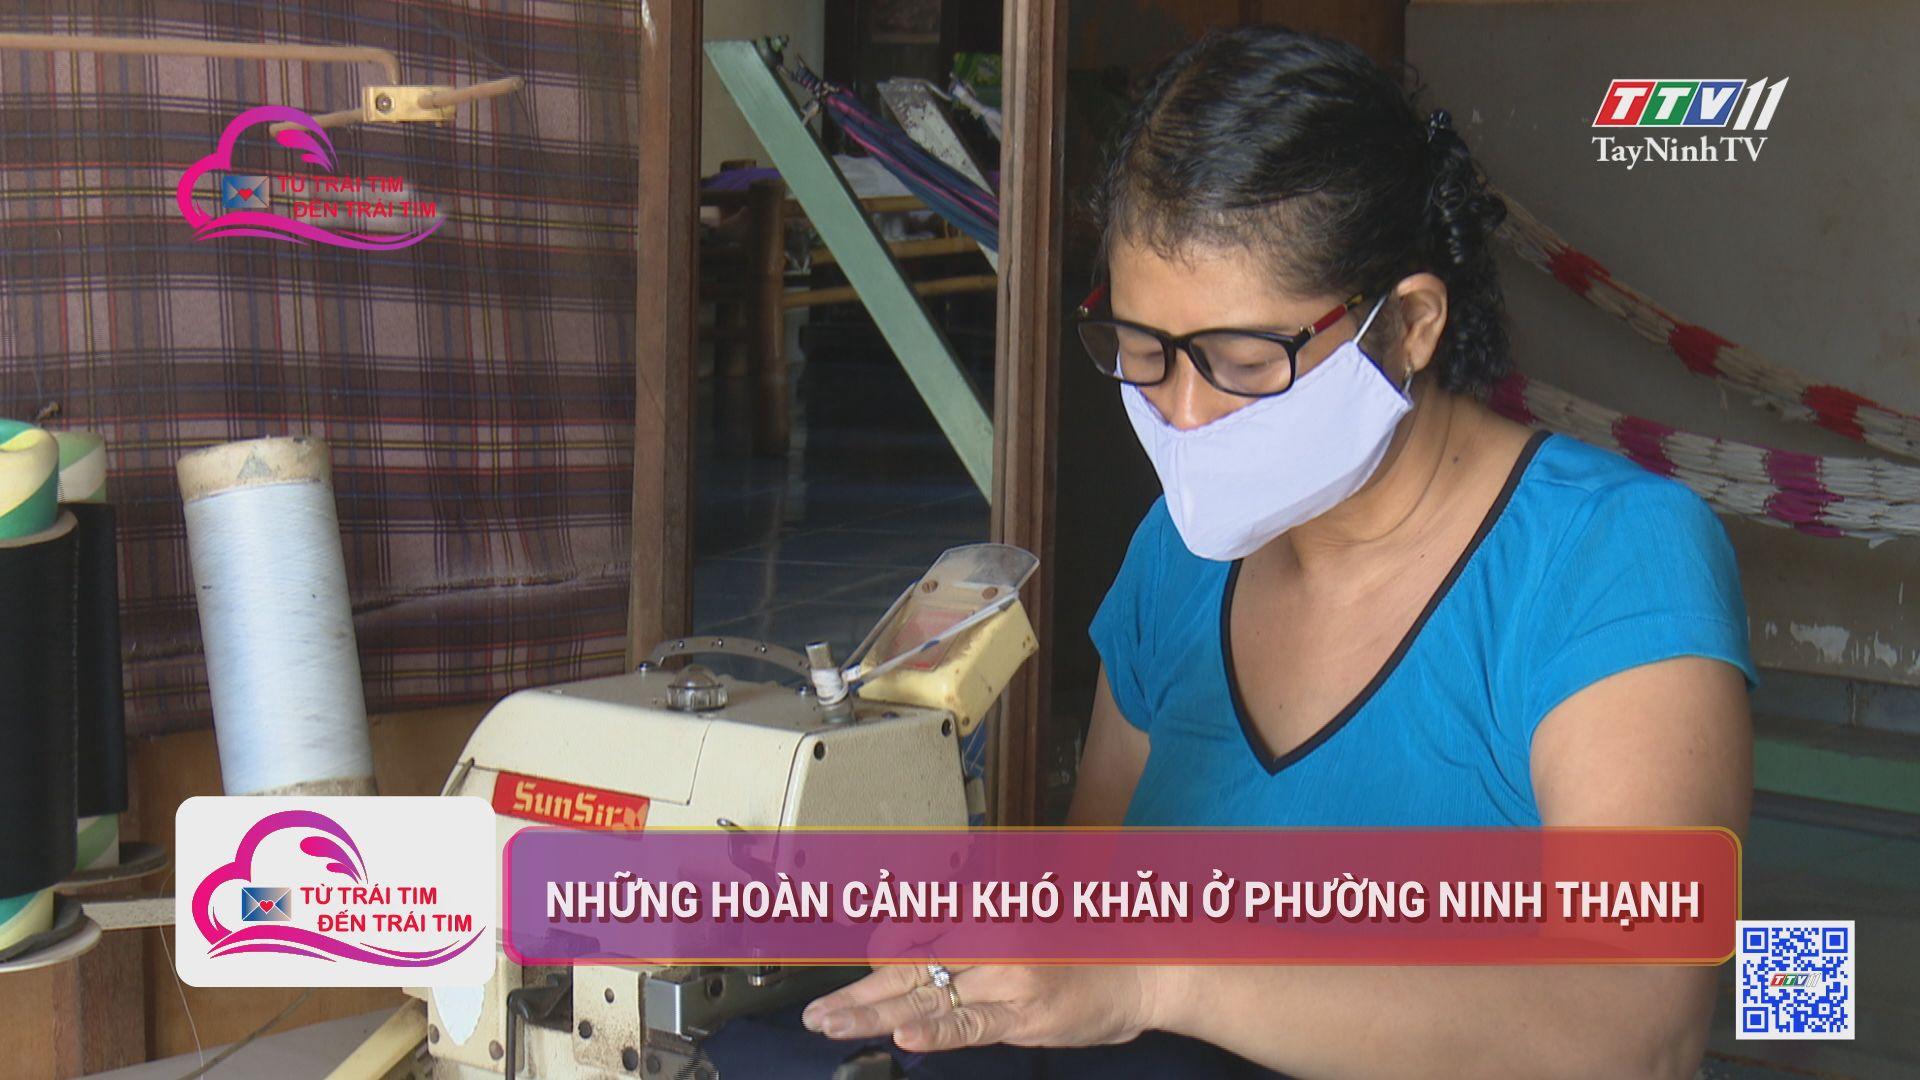 Những hoàn cảnh khó khăn ở Phường Ninh Thạnh | TỪ TRÁI TIM ĐẾN TRÁI TIM | TayNinhTV